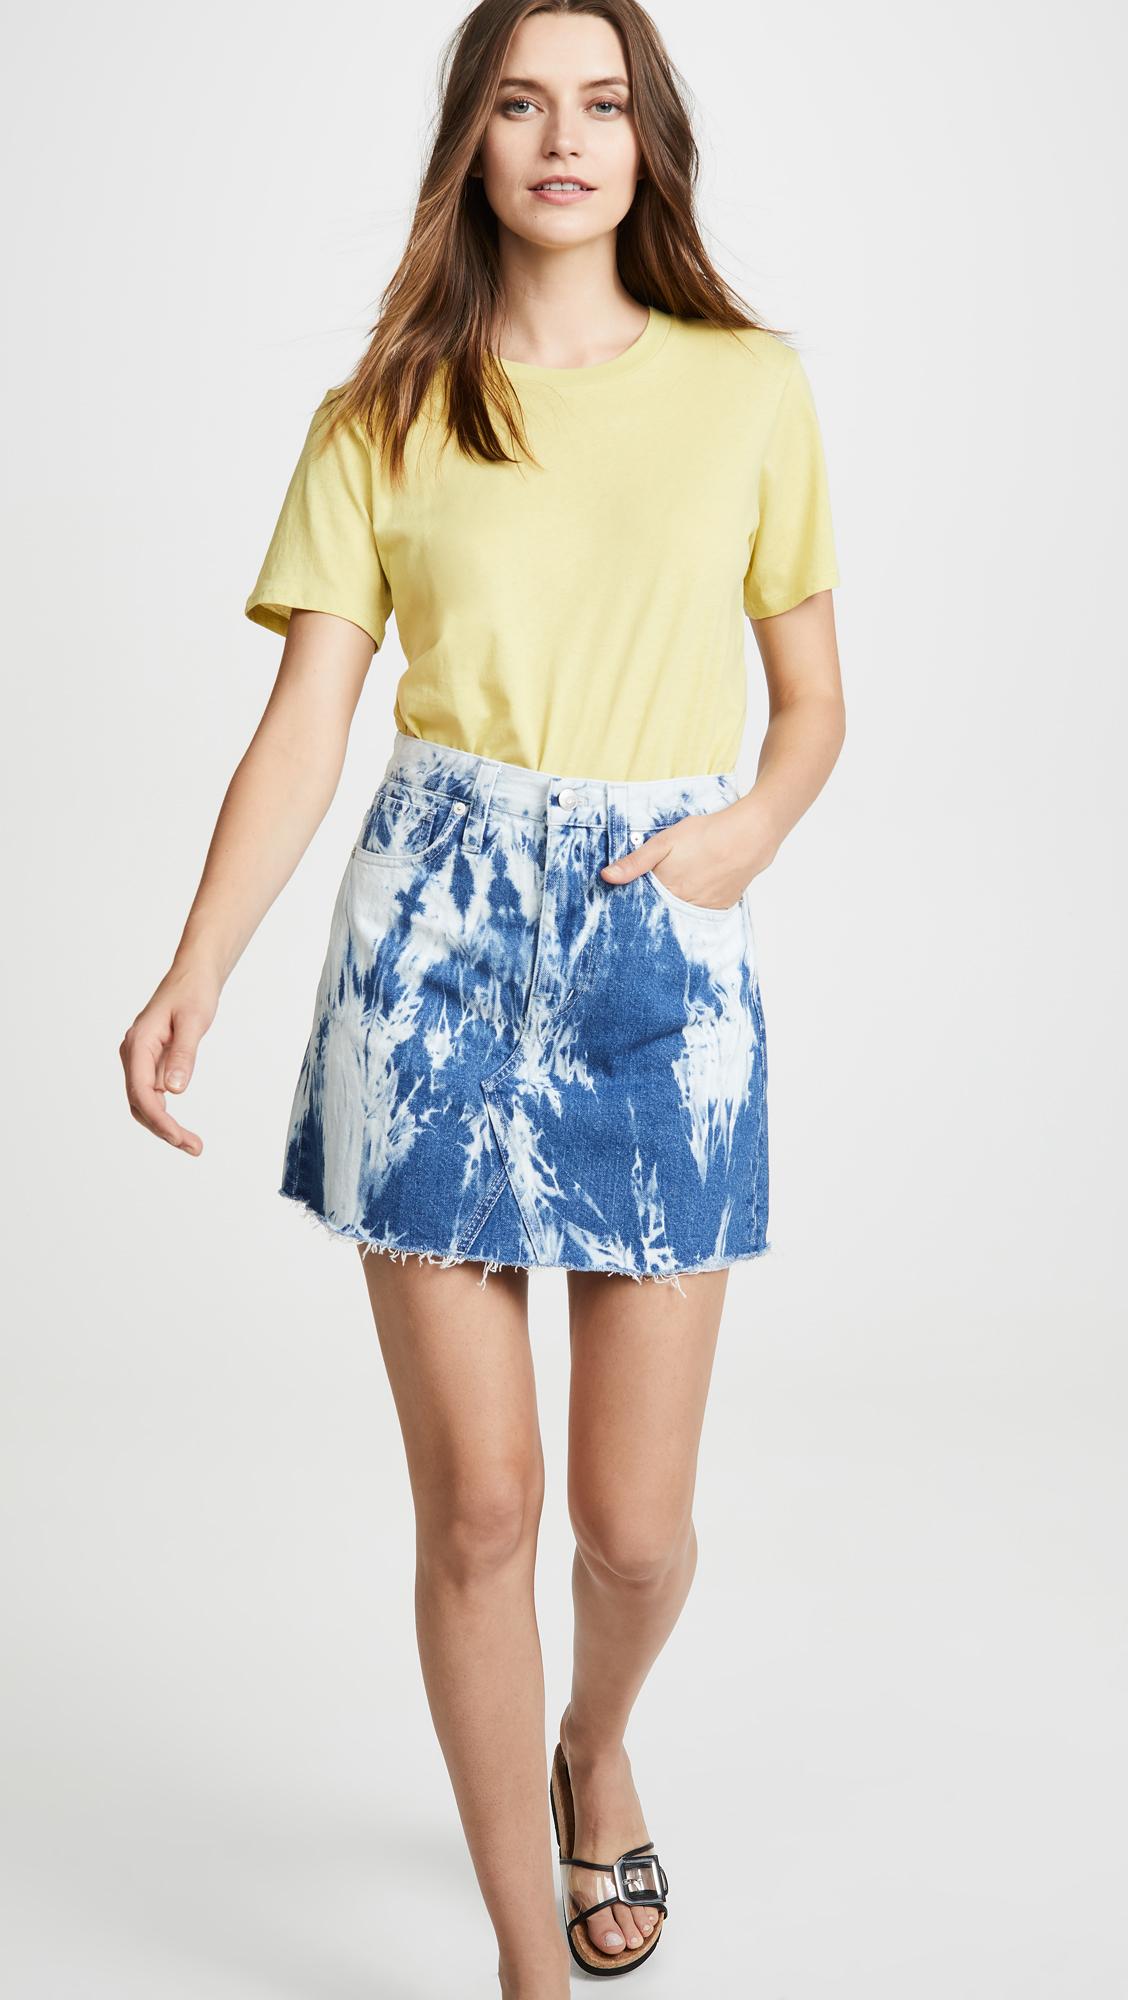 Summertime Trend: Tie Dye Jeans